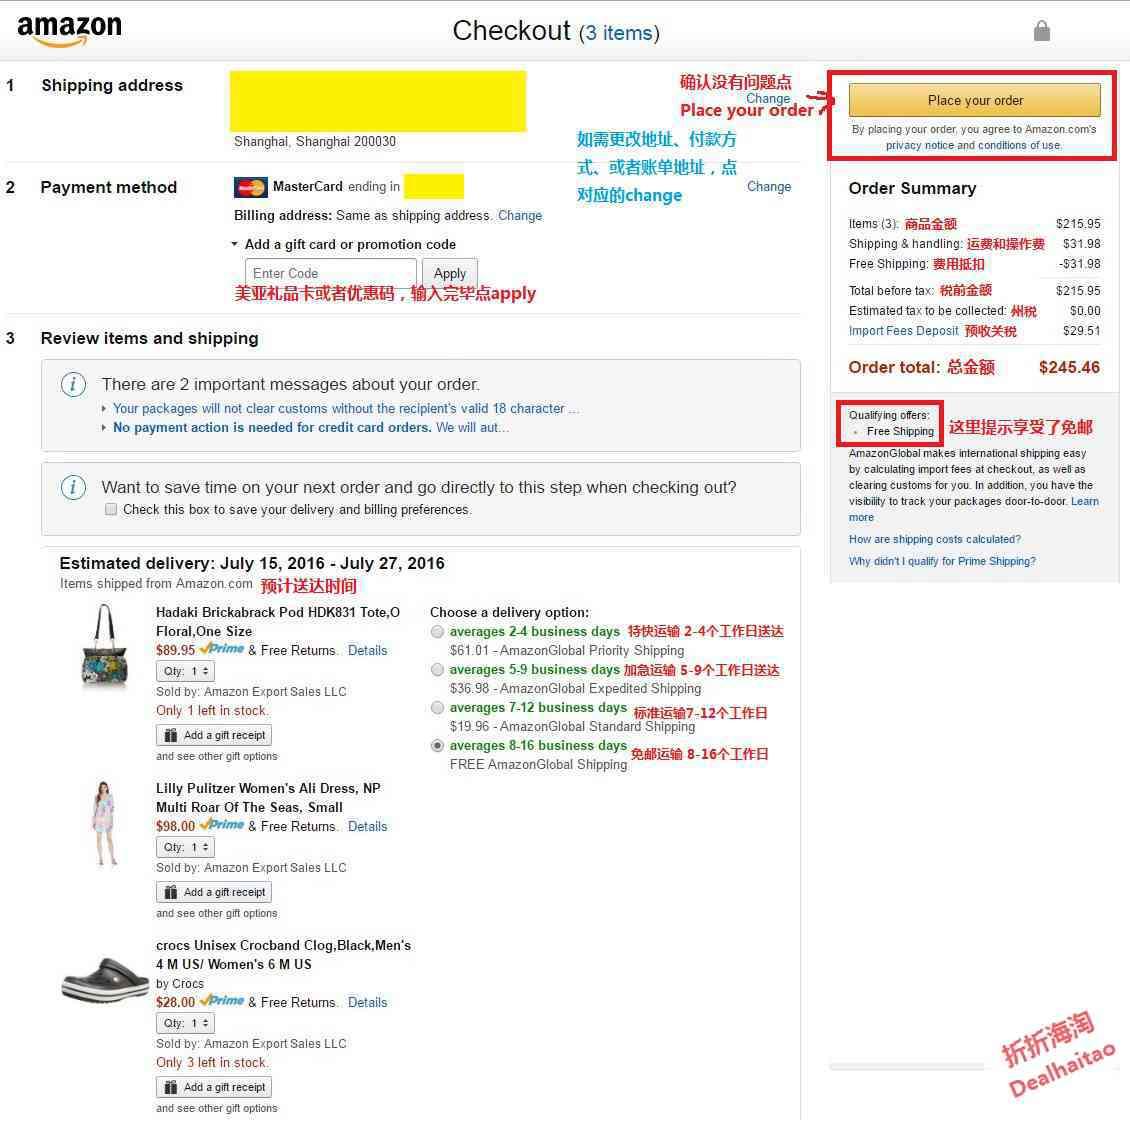 美国亚马逊直邮中国教程 服饰鞋包满150美金免邮 美亚海淘攻略 海淘购物